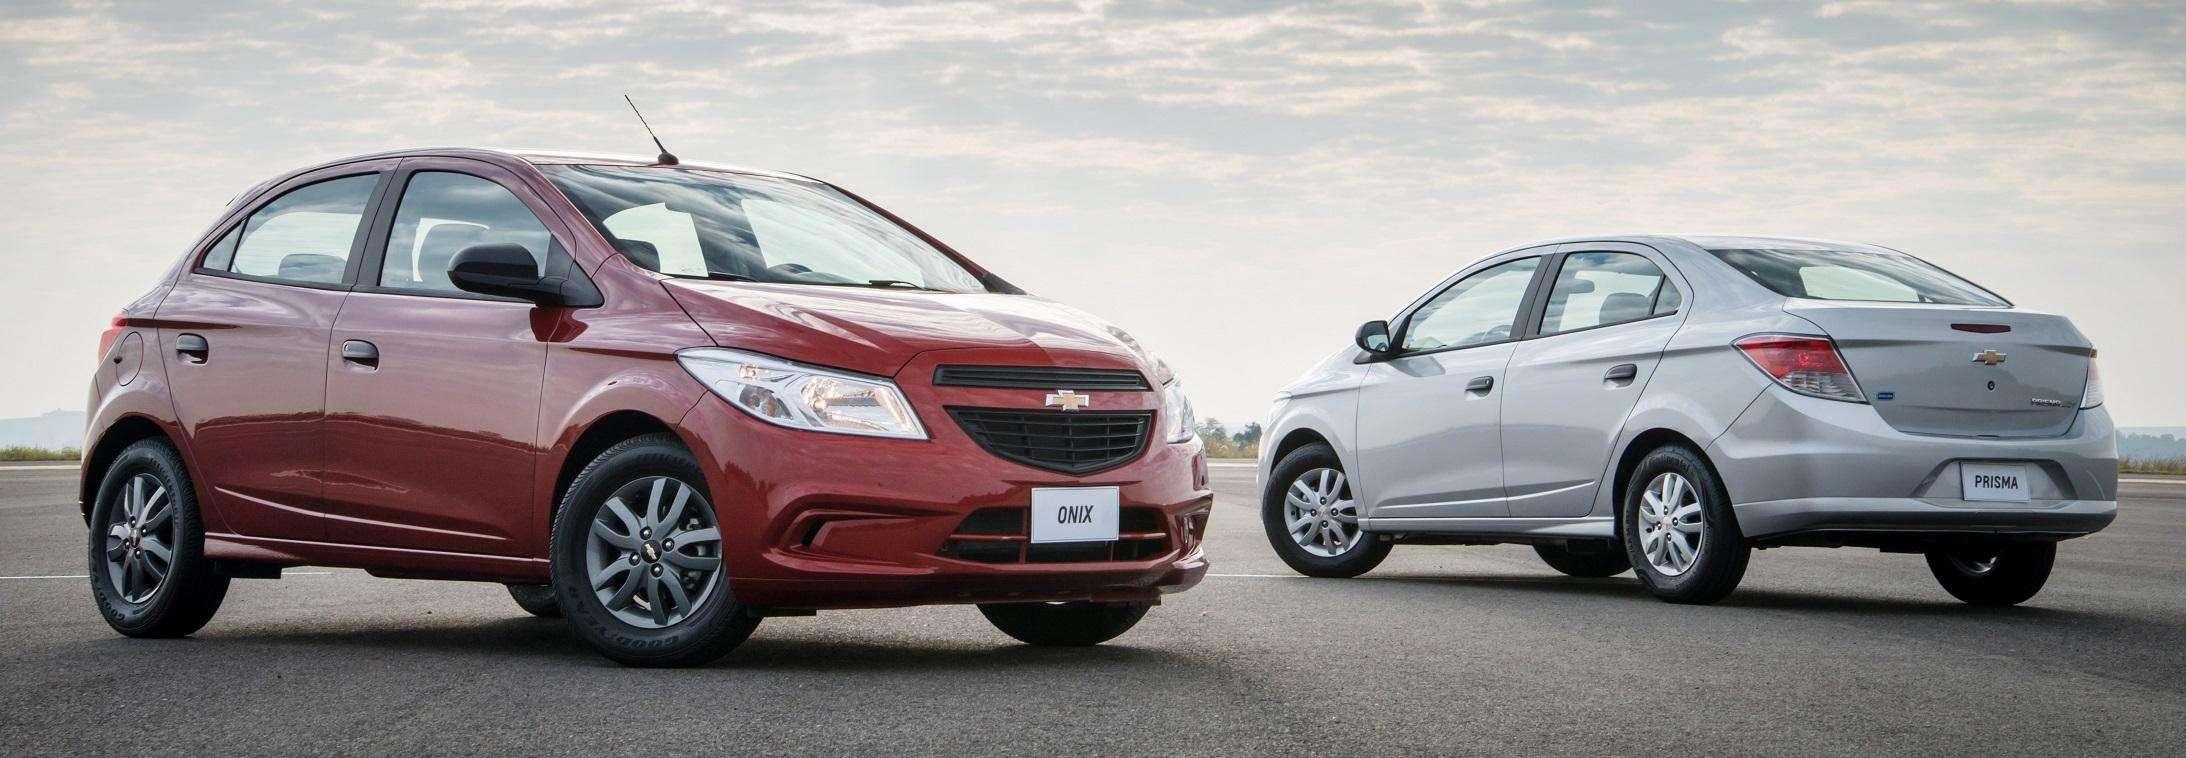 Chevrolet Onix e Prisma Joy 2017 chegam como os modelos mais econômicos da marca